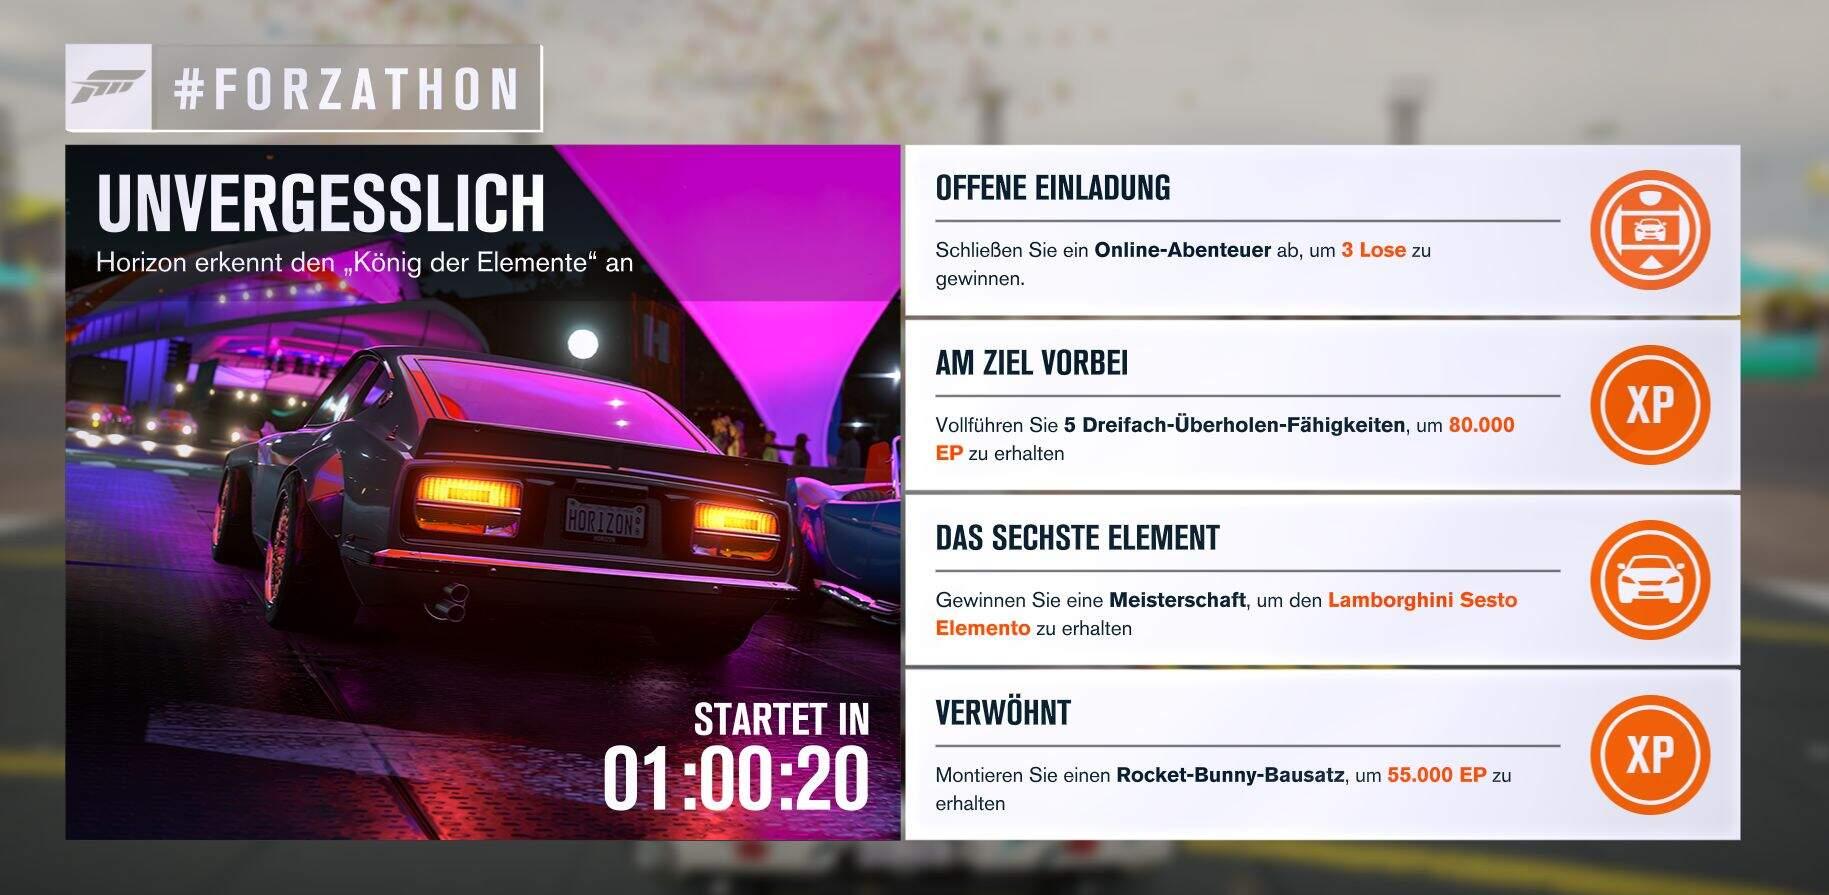 Forza Horizon 3 #Forzathon Guide 29. August – Unvergesslich